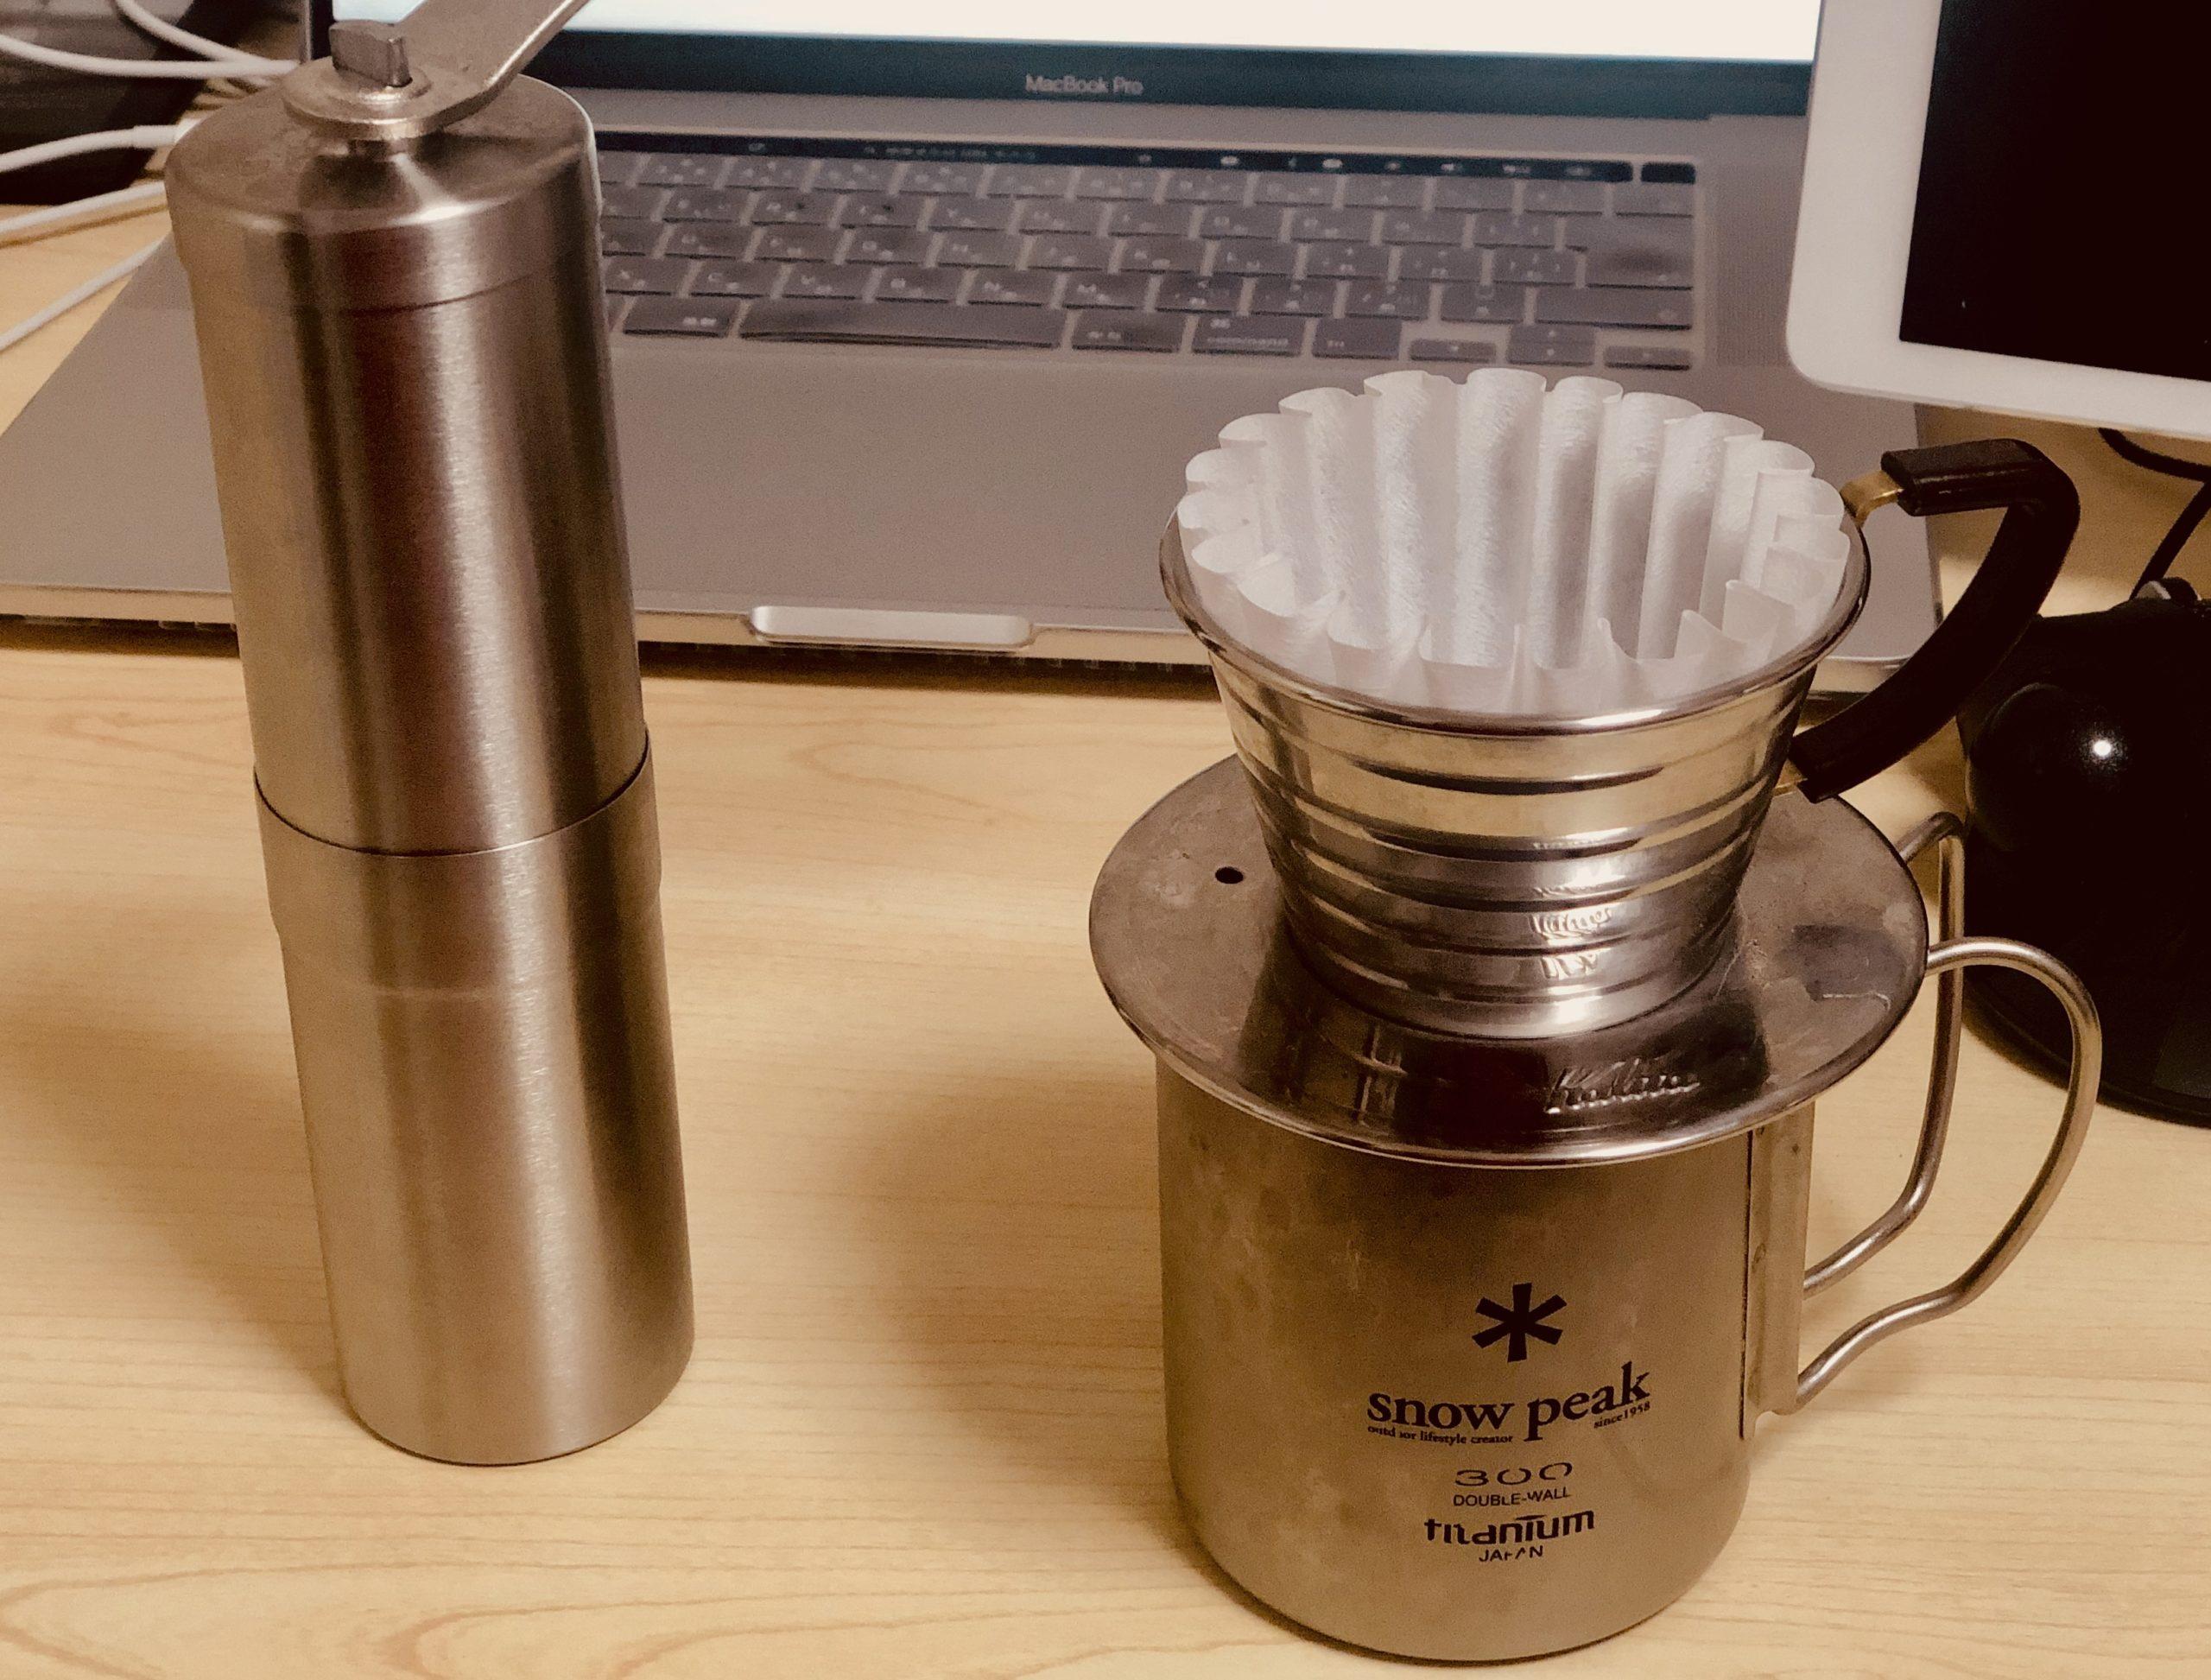 【必見!】お家でコーヒーを楽しみたいなら、手動コーヒーミルがおすすめな理由